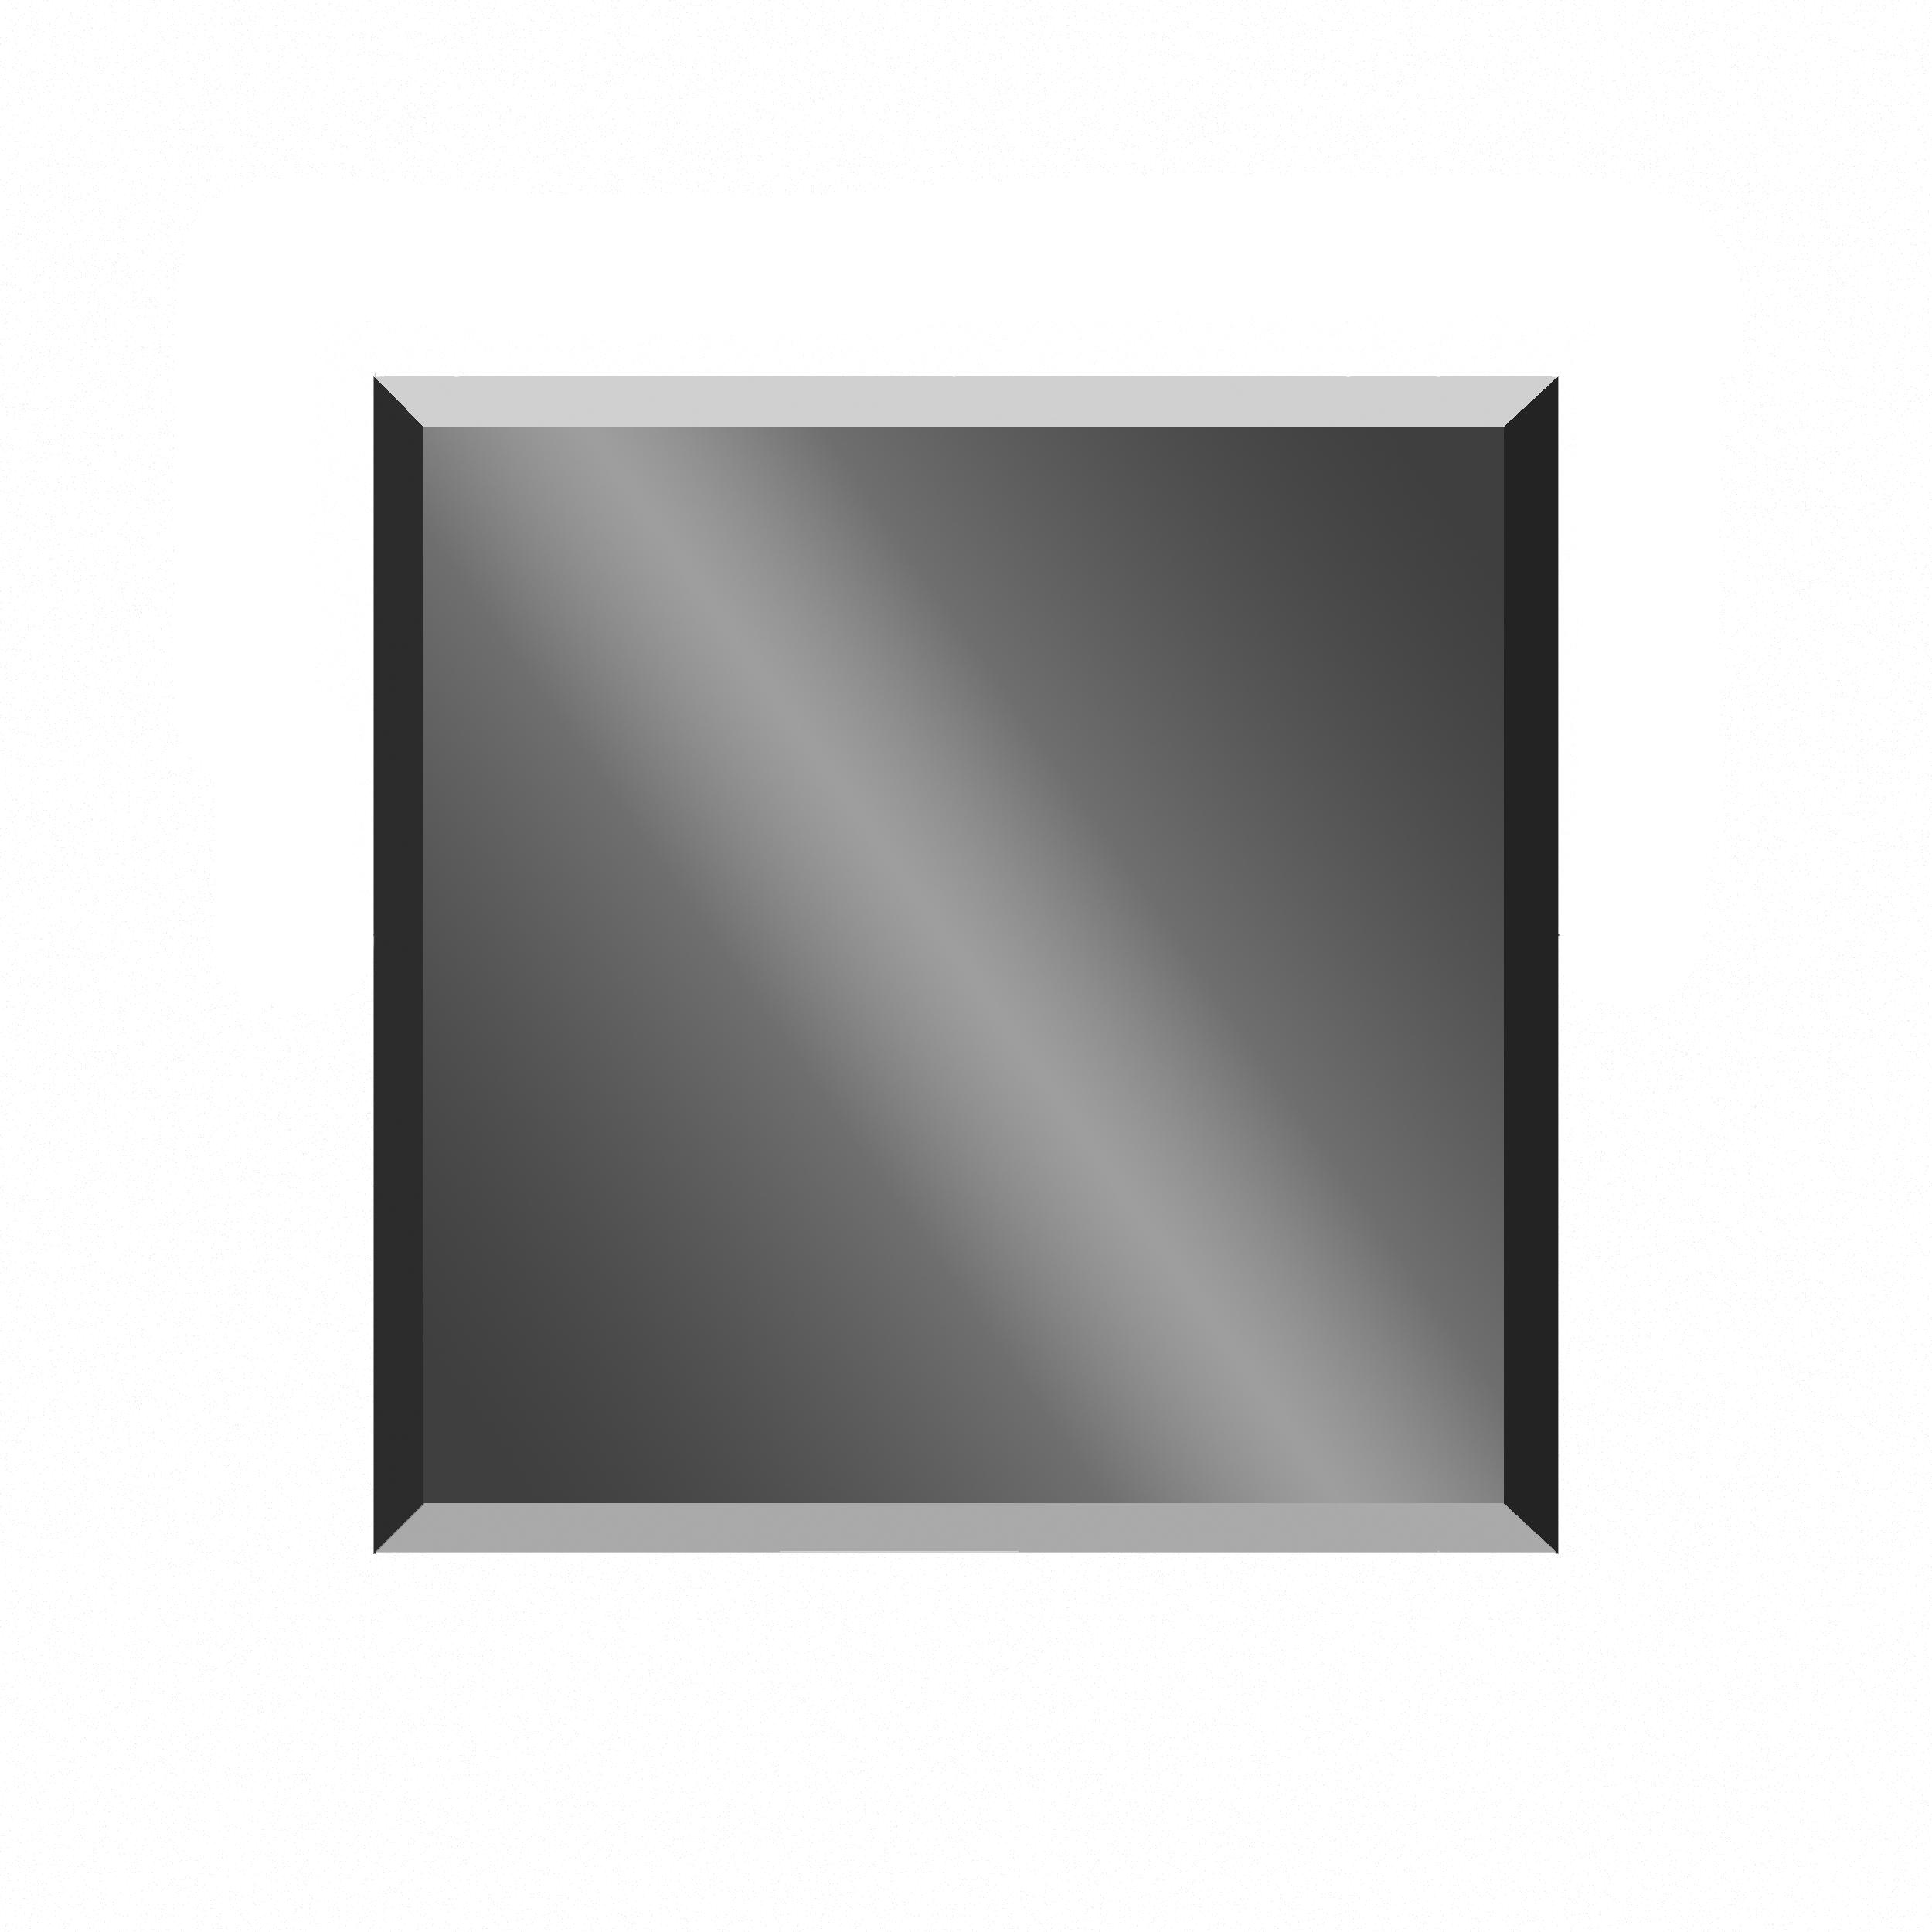 آینه تجسم کد M157